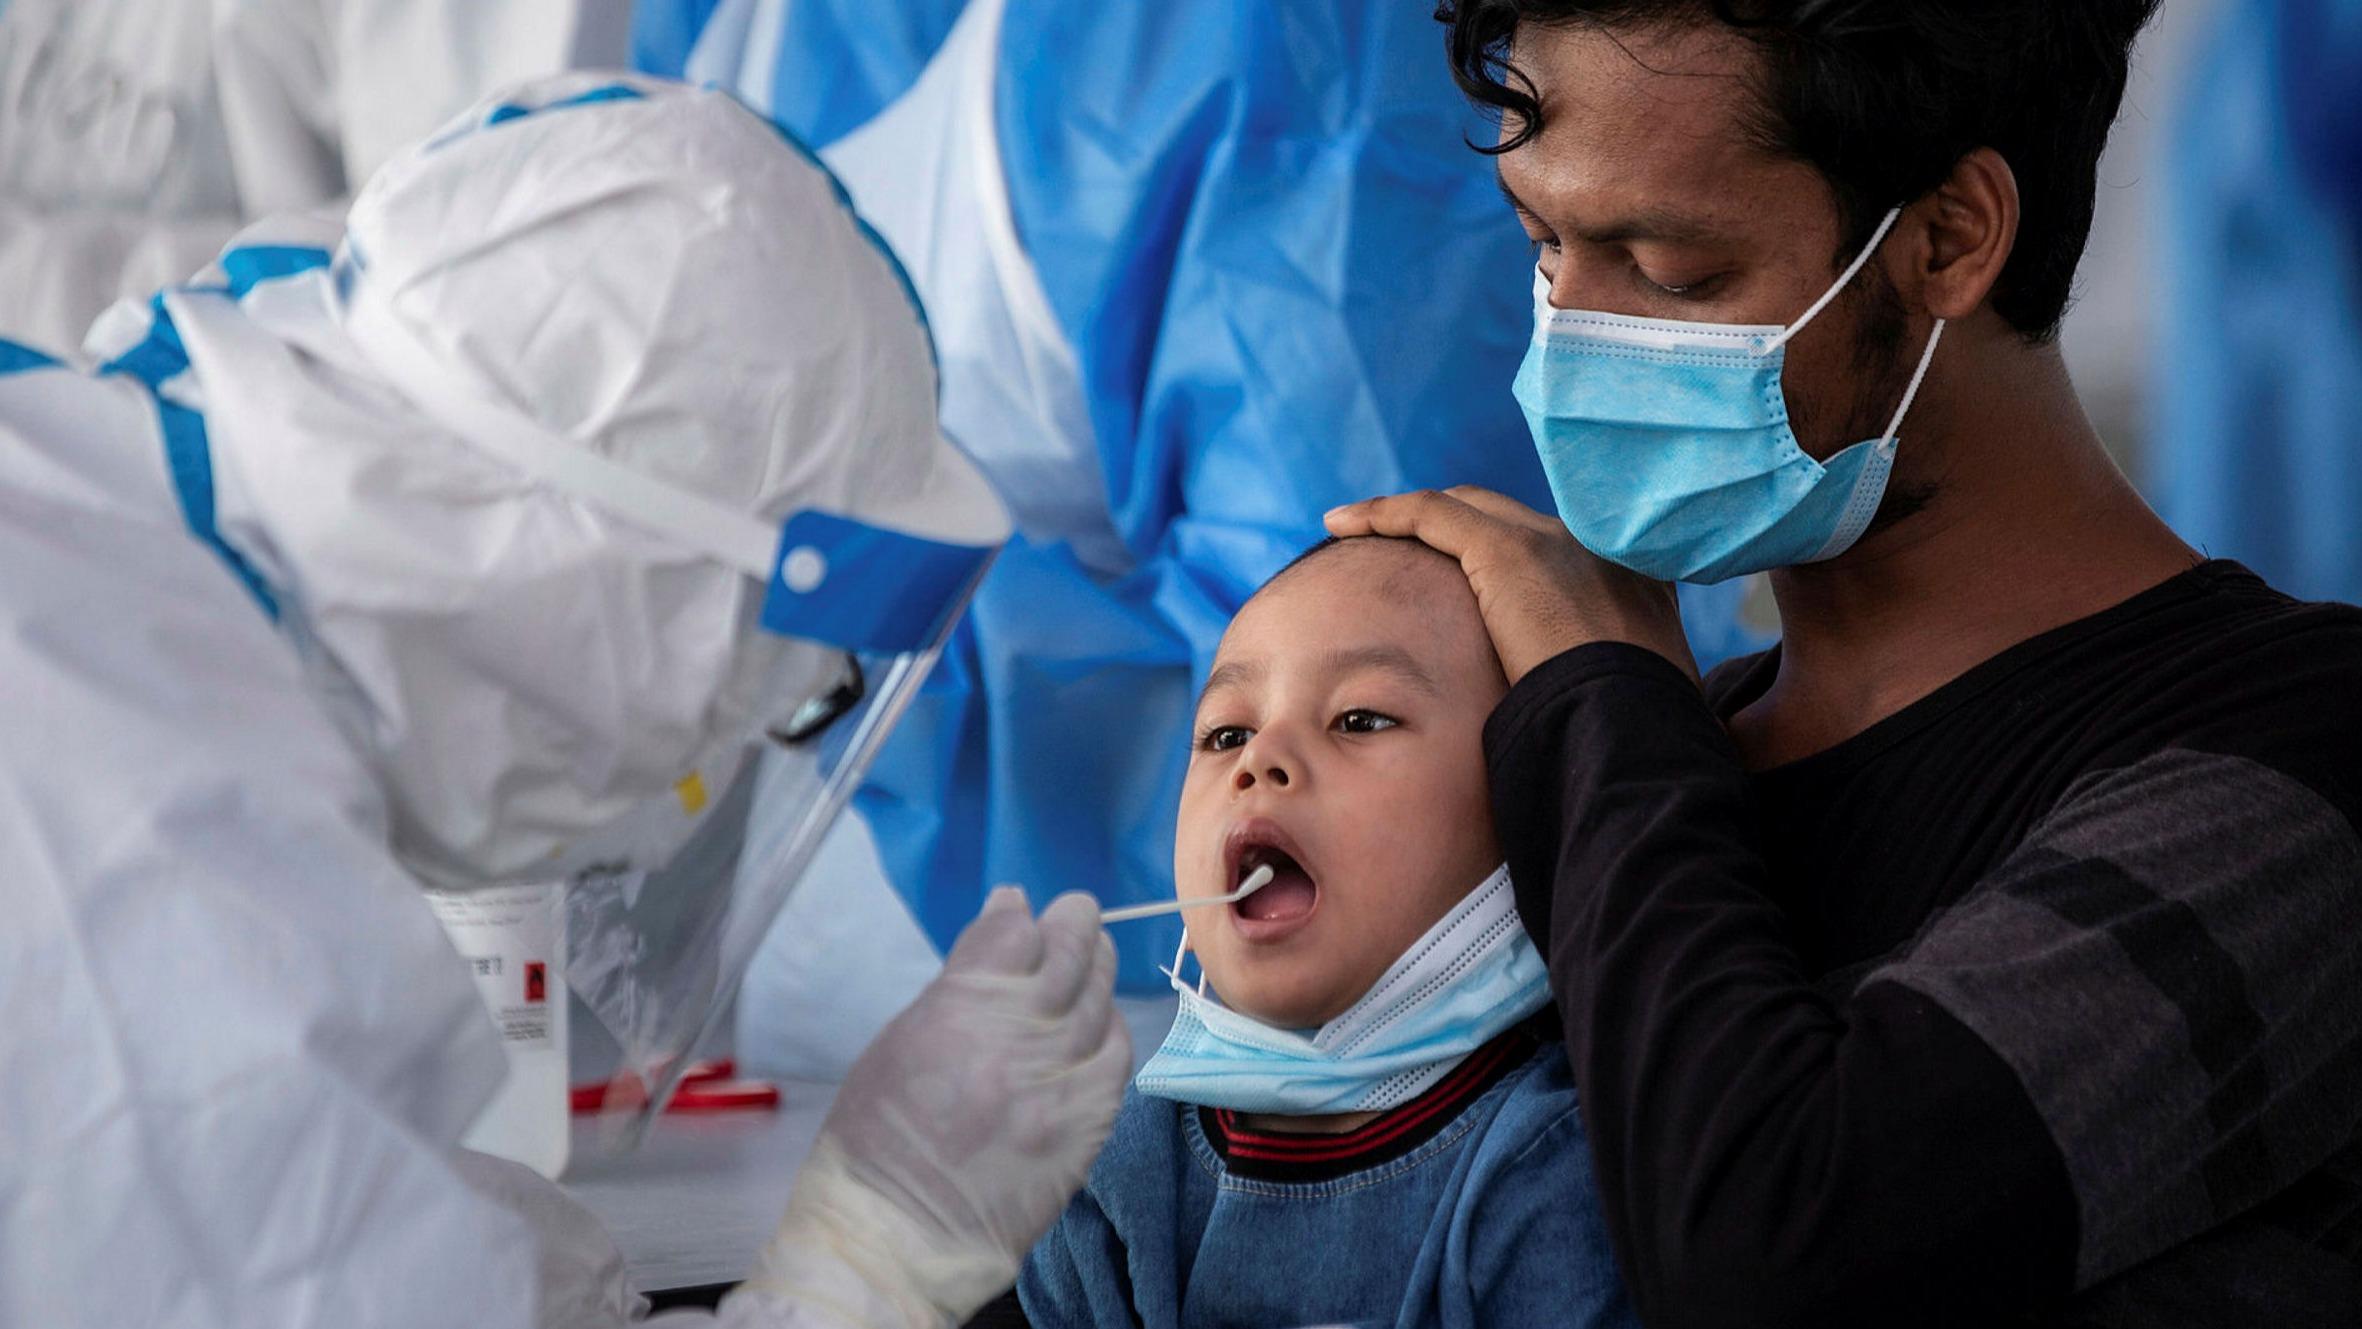 Menino passa por teste do Covid-19: crianças possuem alta carga viral